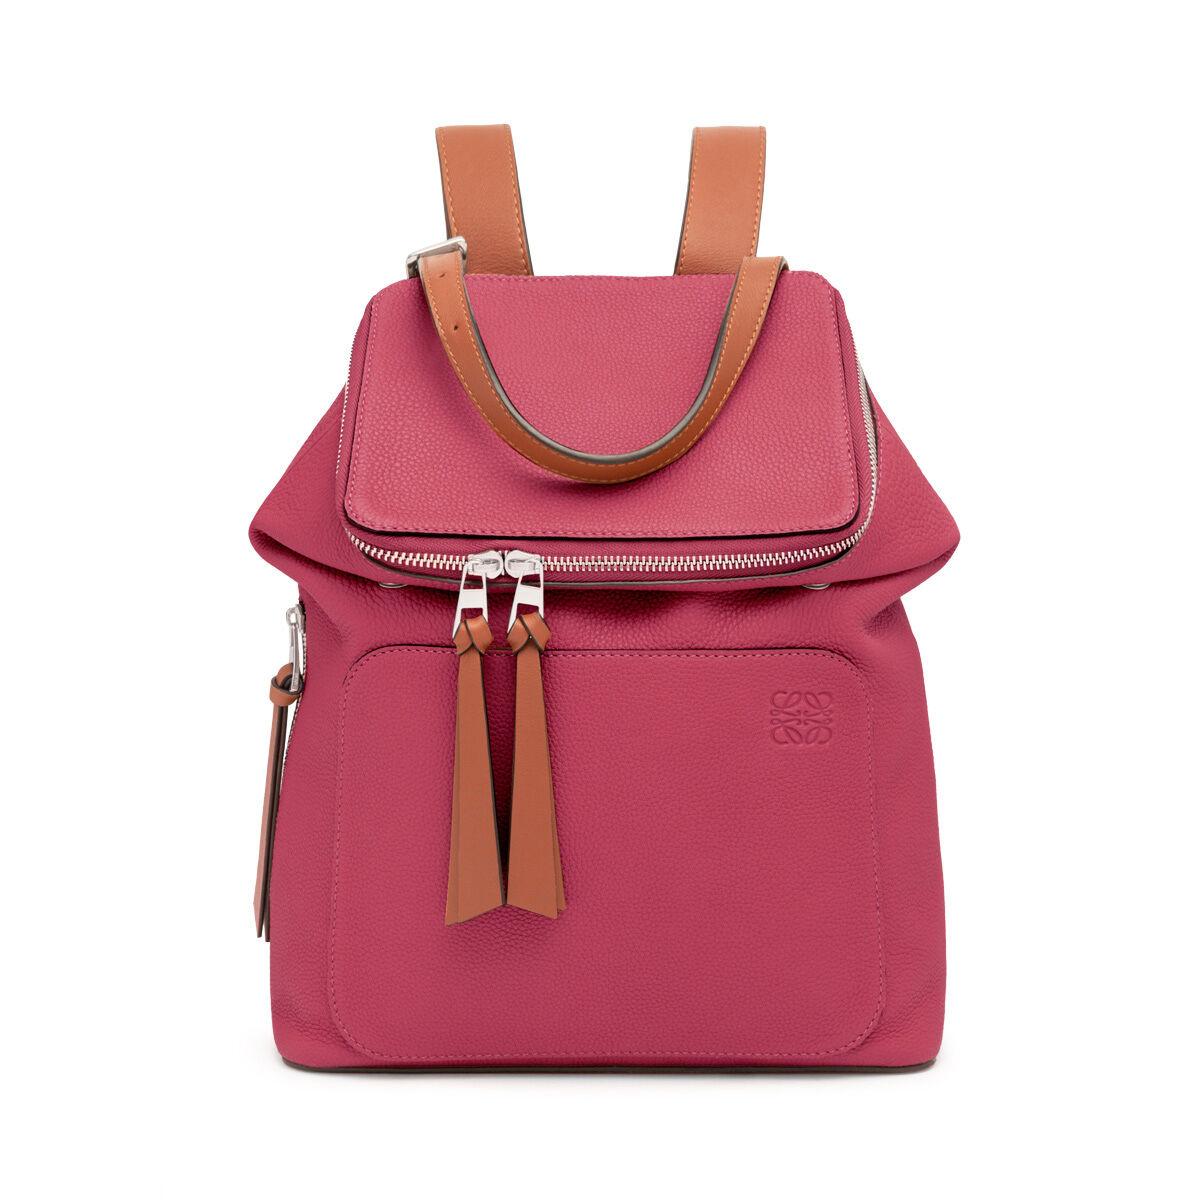 LOEWE Goya Small Backpack Raspberry/Wine all